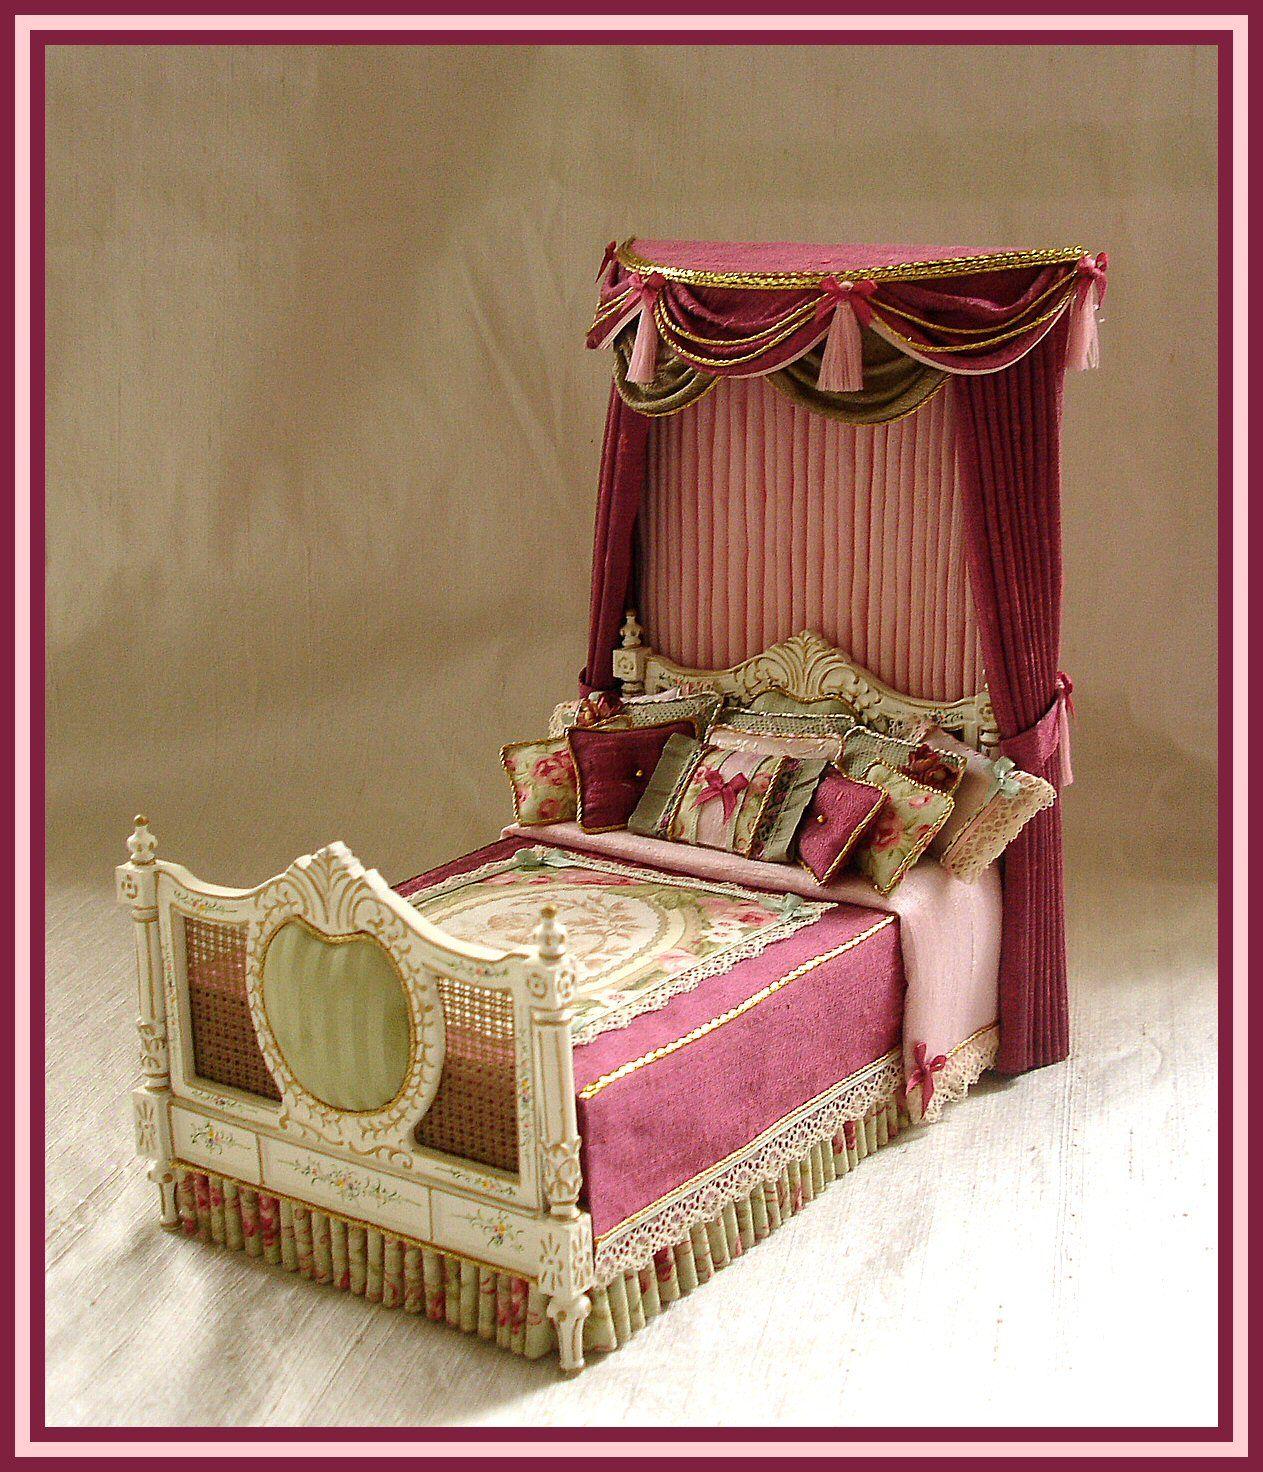 отличное картинка кровать для кукольного домика спортсменки